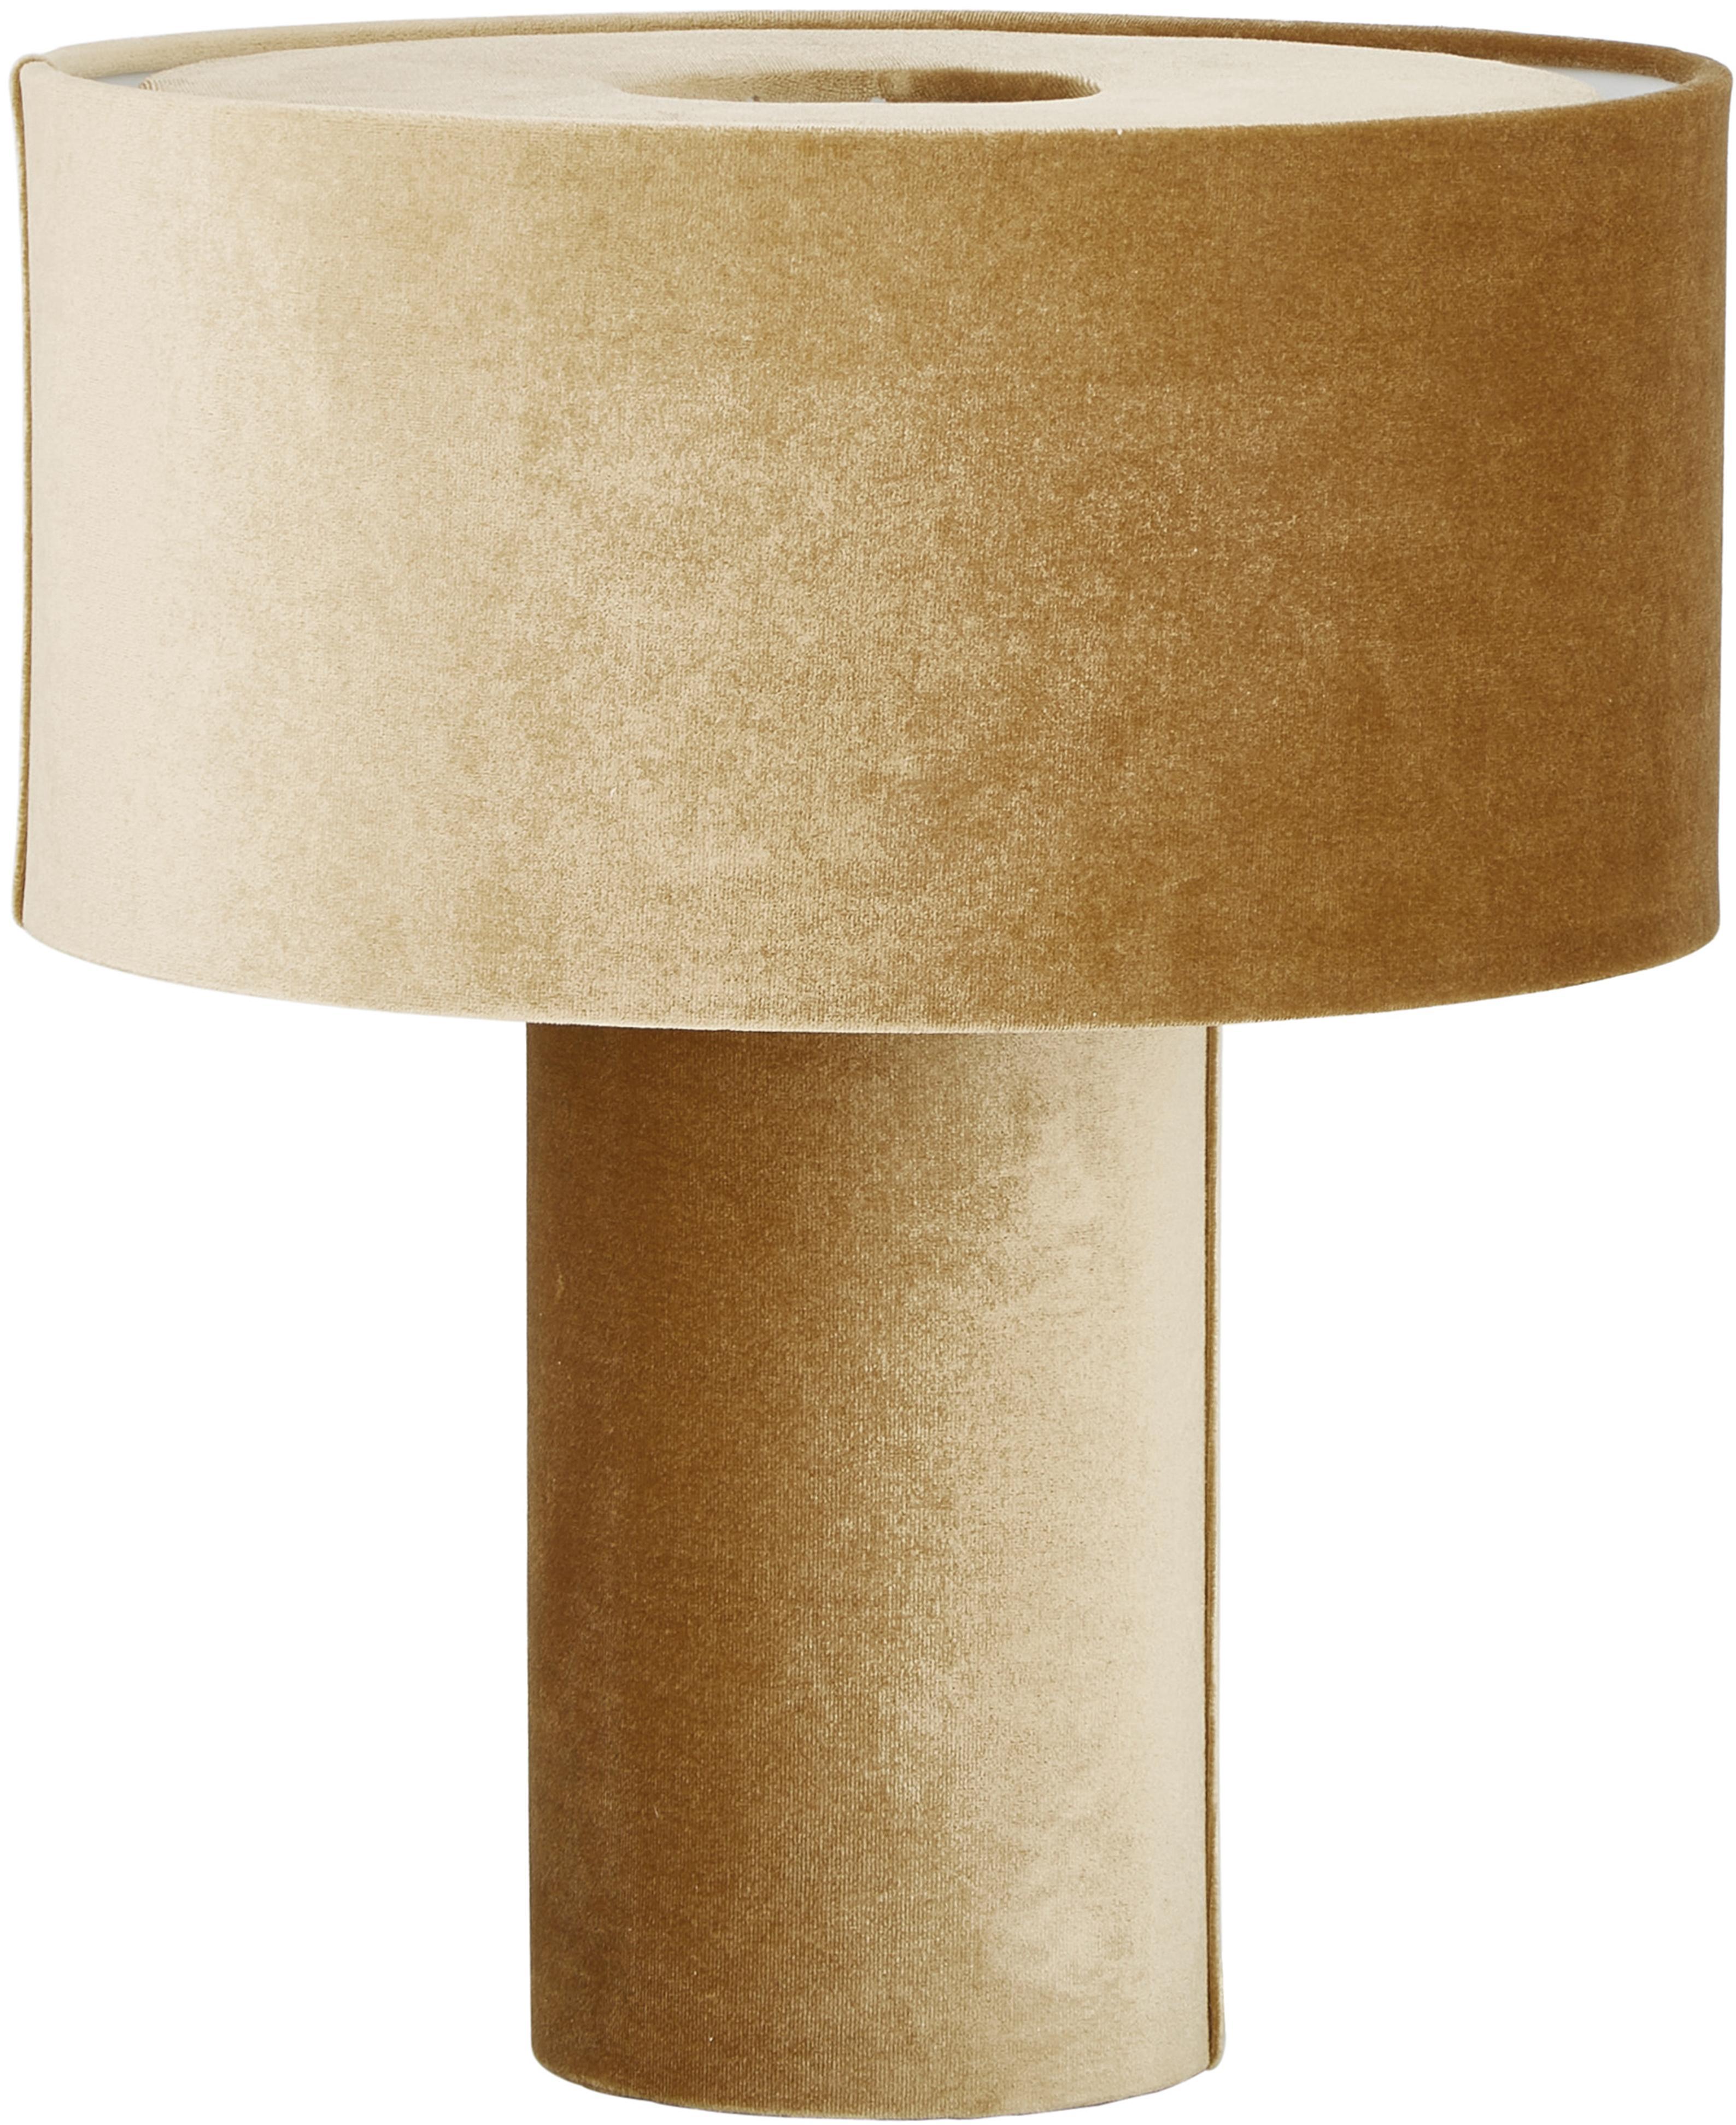 Lampada da tavolo in velluto Frida, Base della lampada: materiale sintetico con r, Paralume: velluto, Giallo senape, Ø 30 x Alt. 36 cm